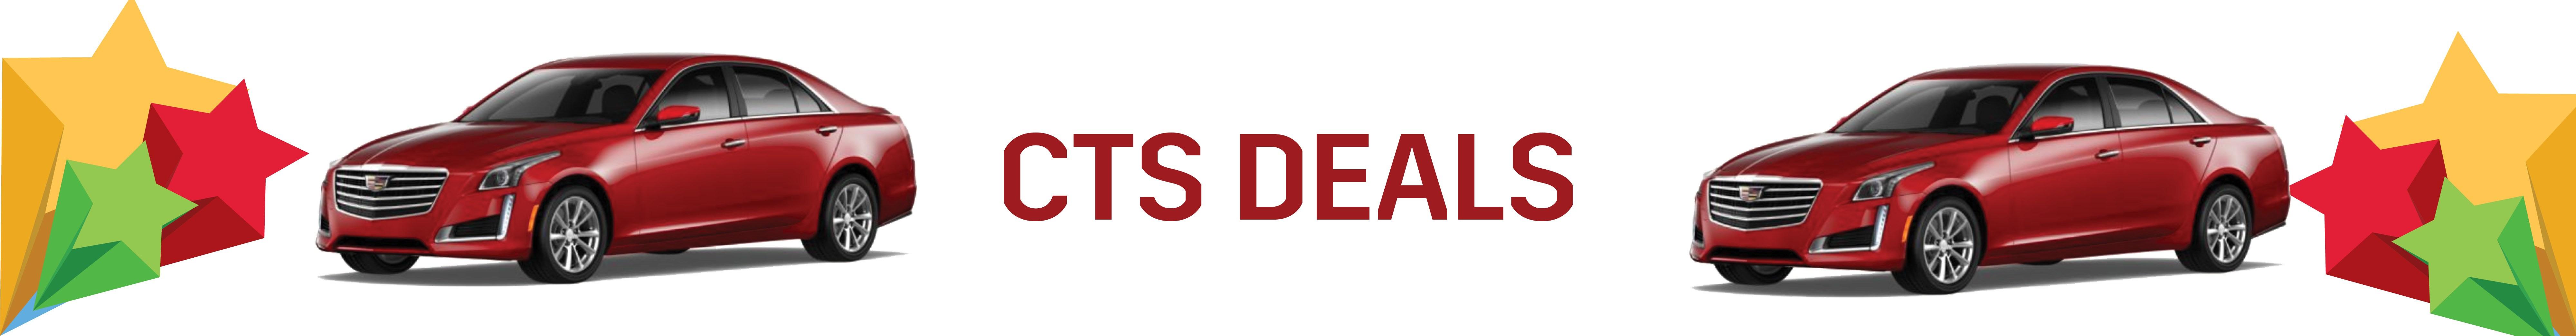 CTS Deals